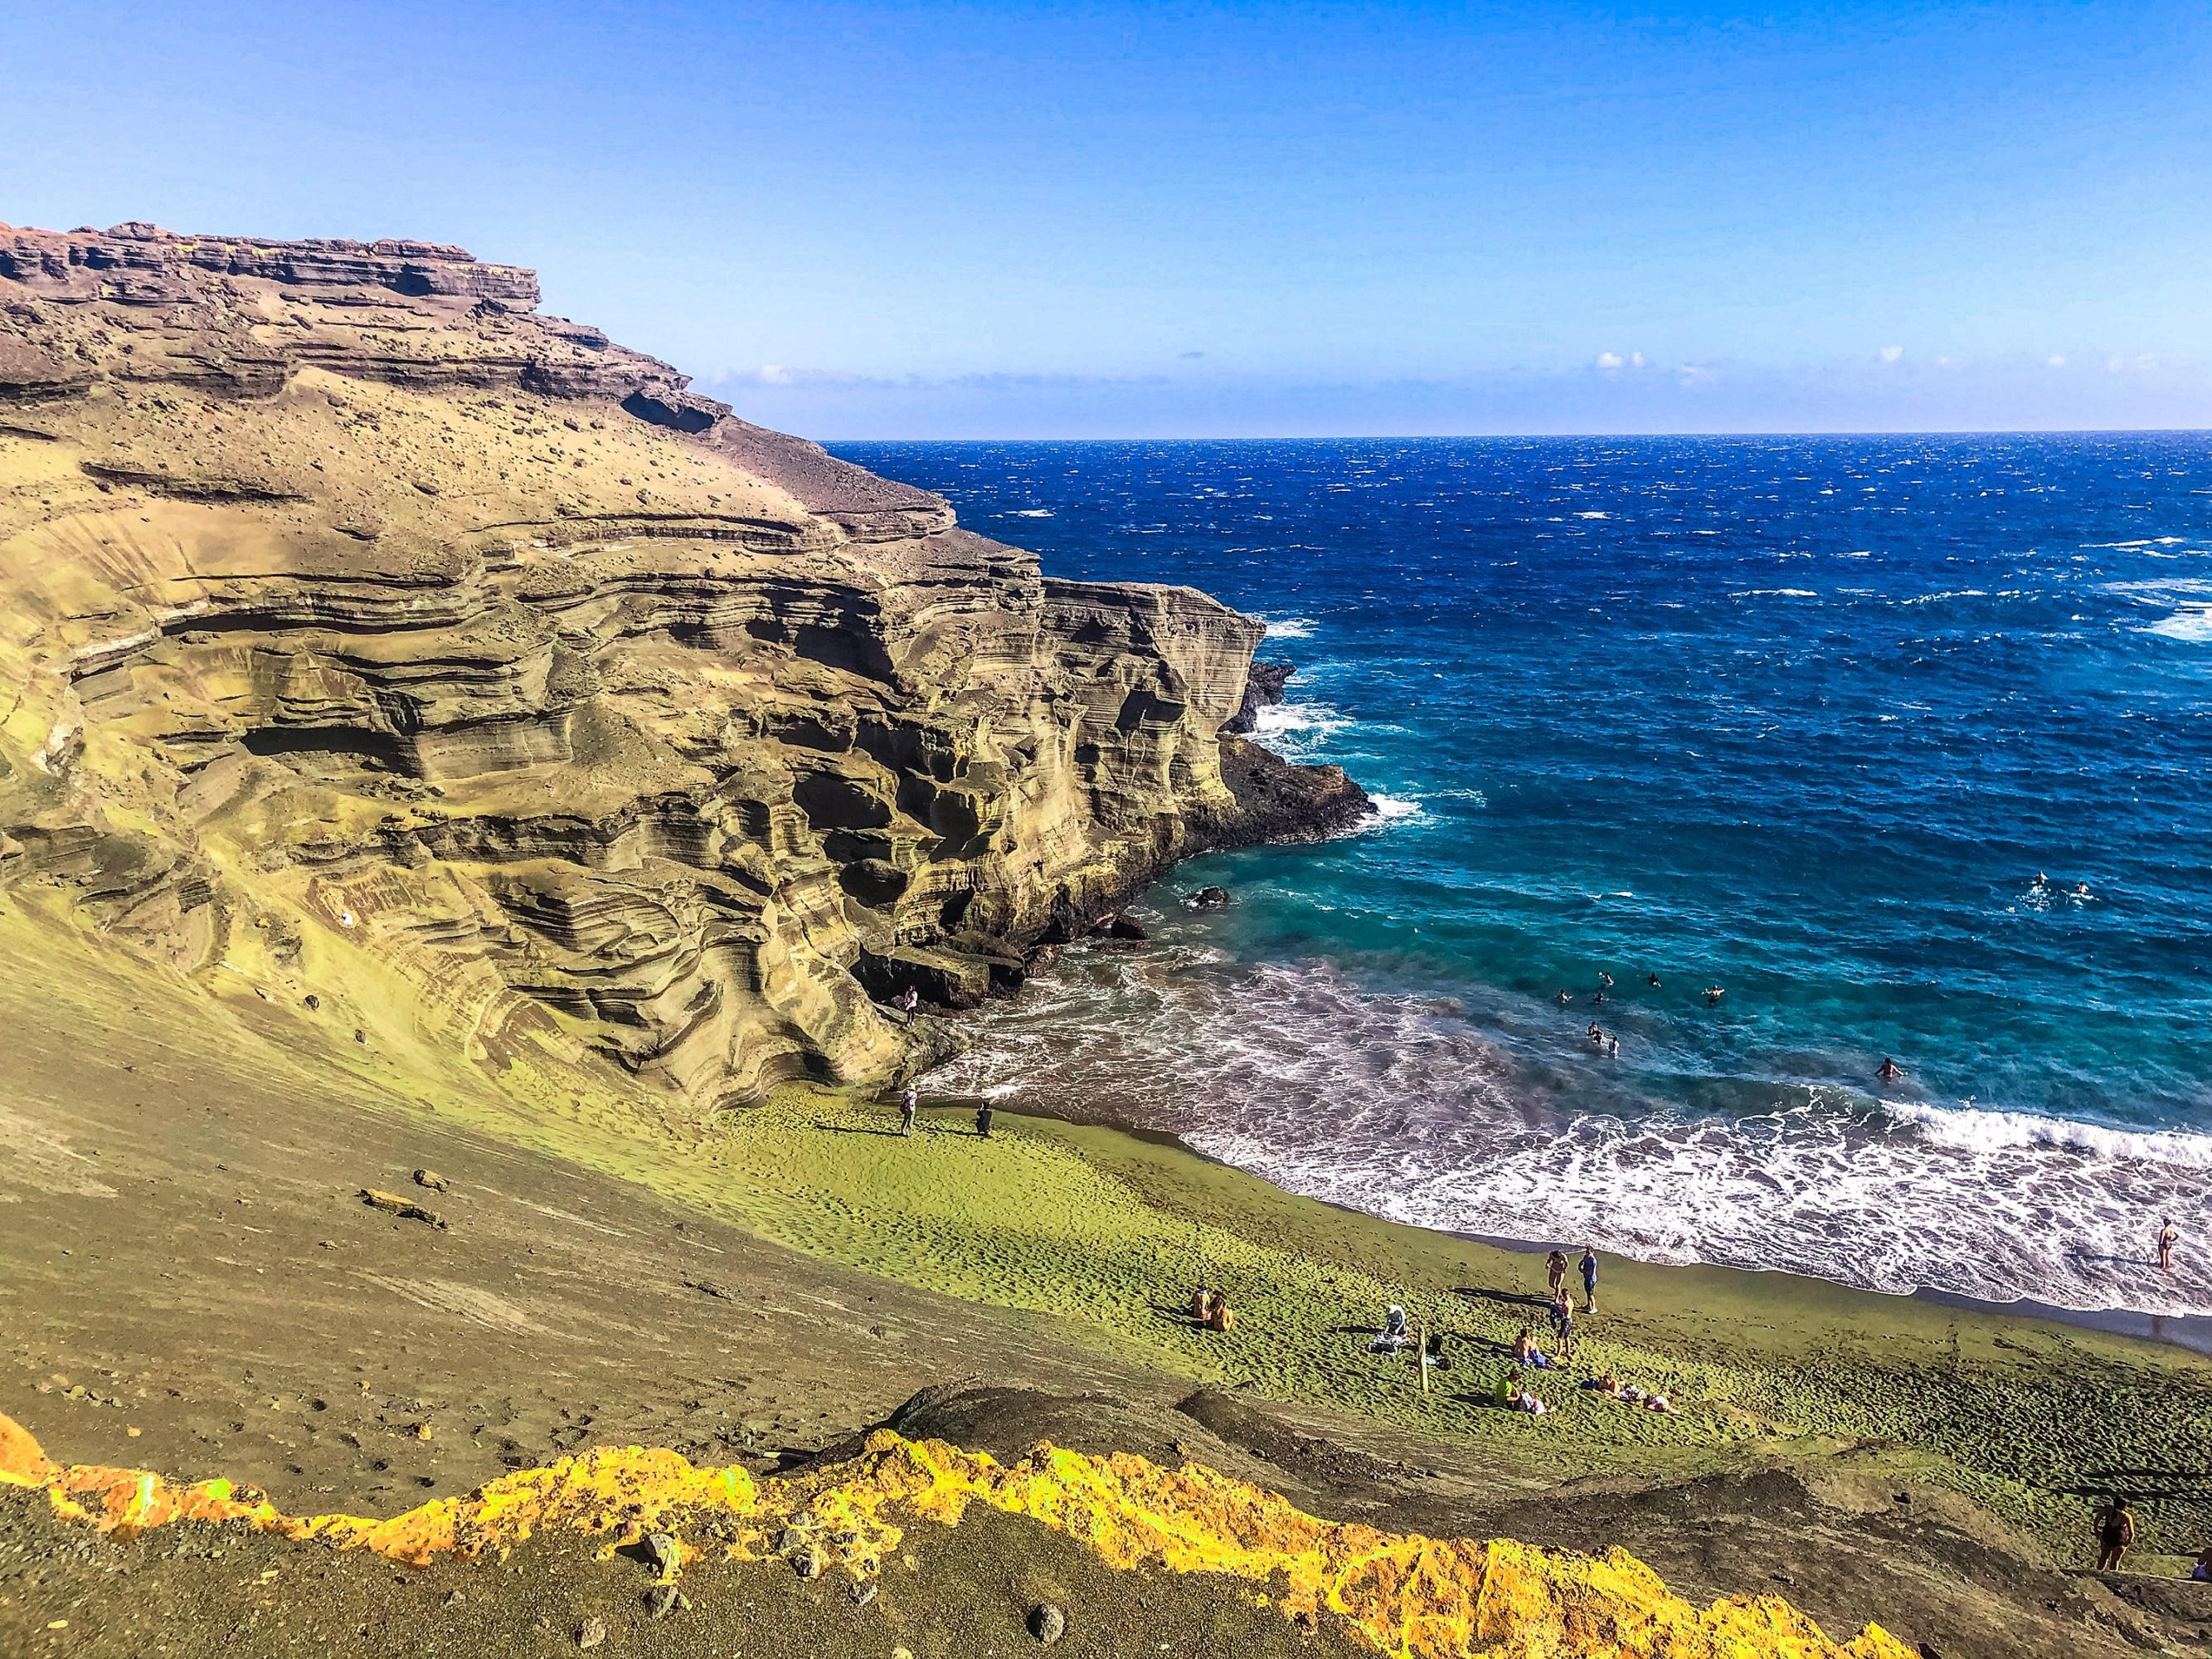 A green sand beach